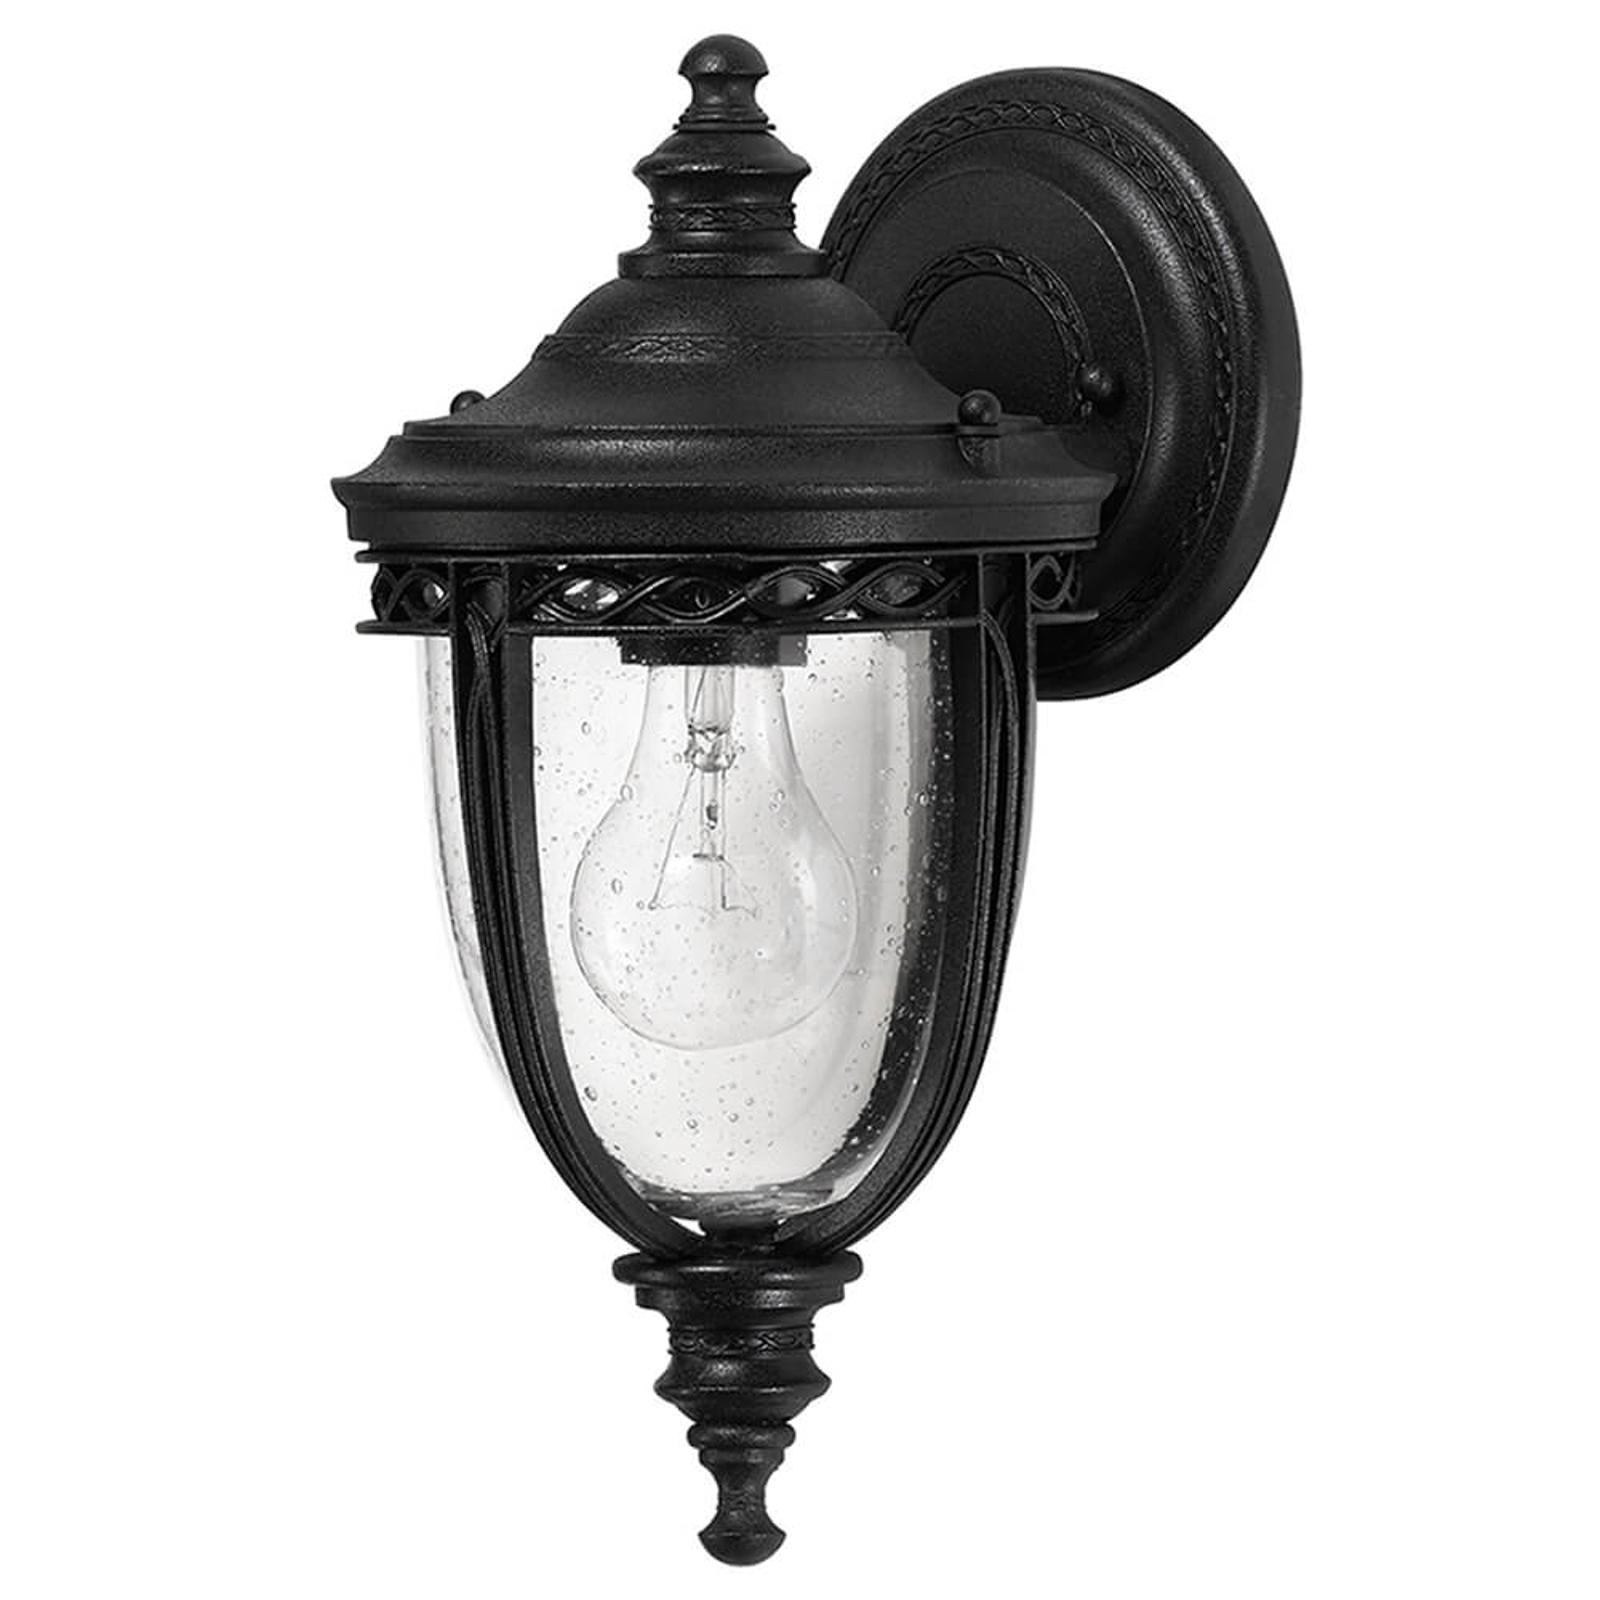 Venkovní lucerna English Bridle Ø 16,5 cm černá